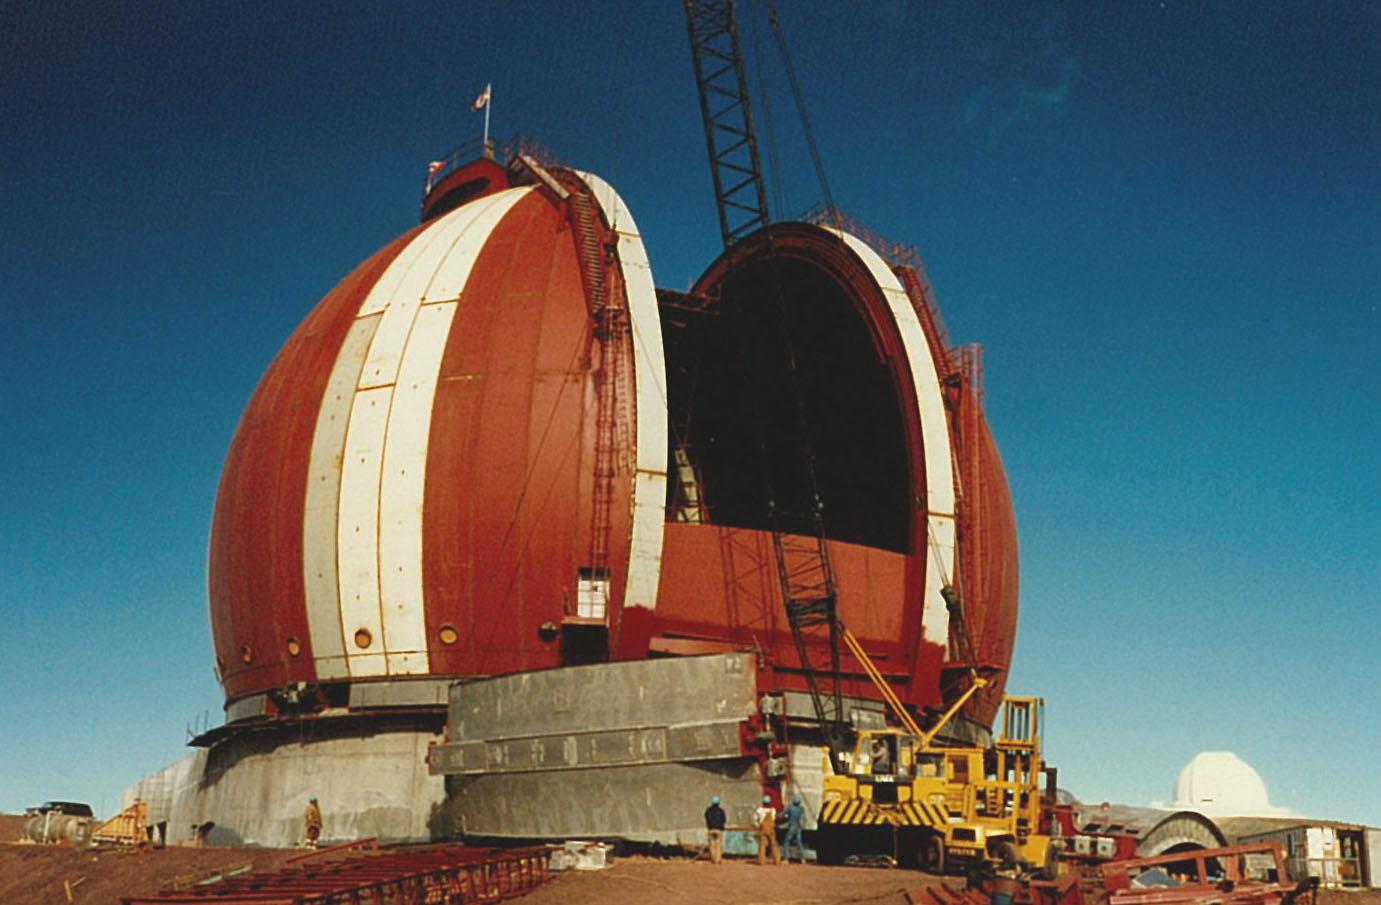 Maunakea Summit W M Keck Observatory